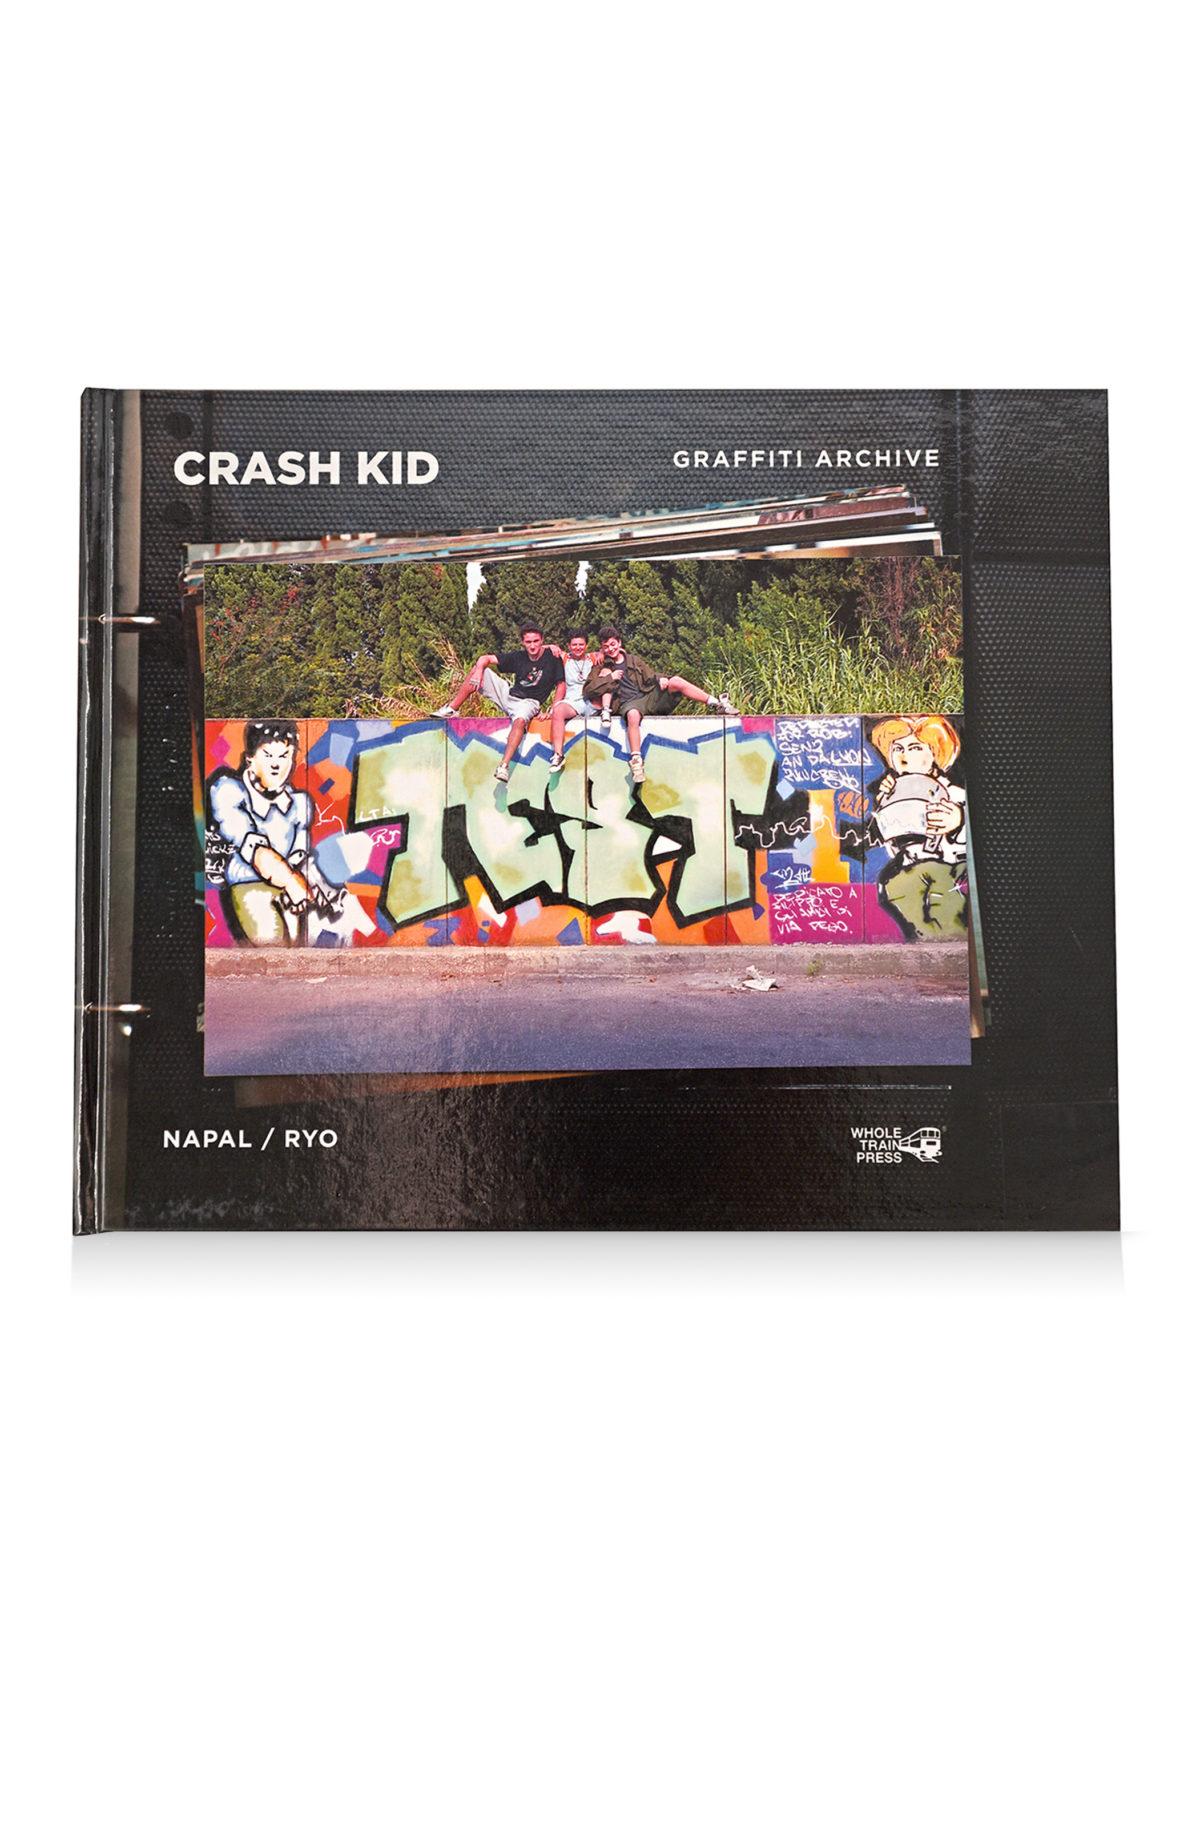 CRASH KID GRAFFITI ARCHIVE di Wholetrain Press